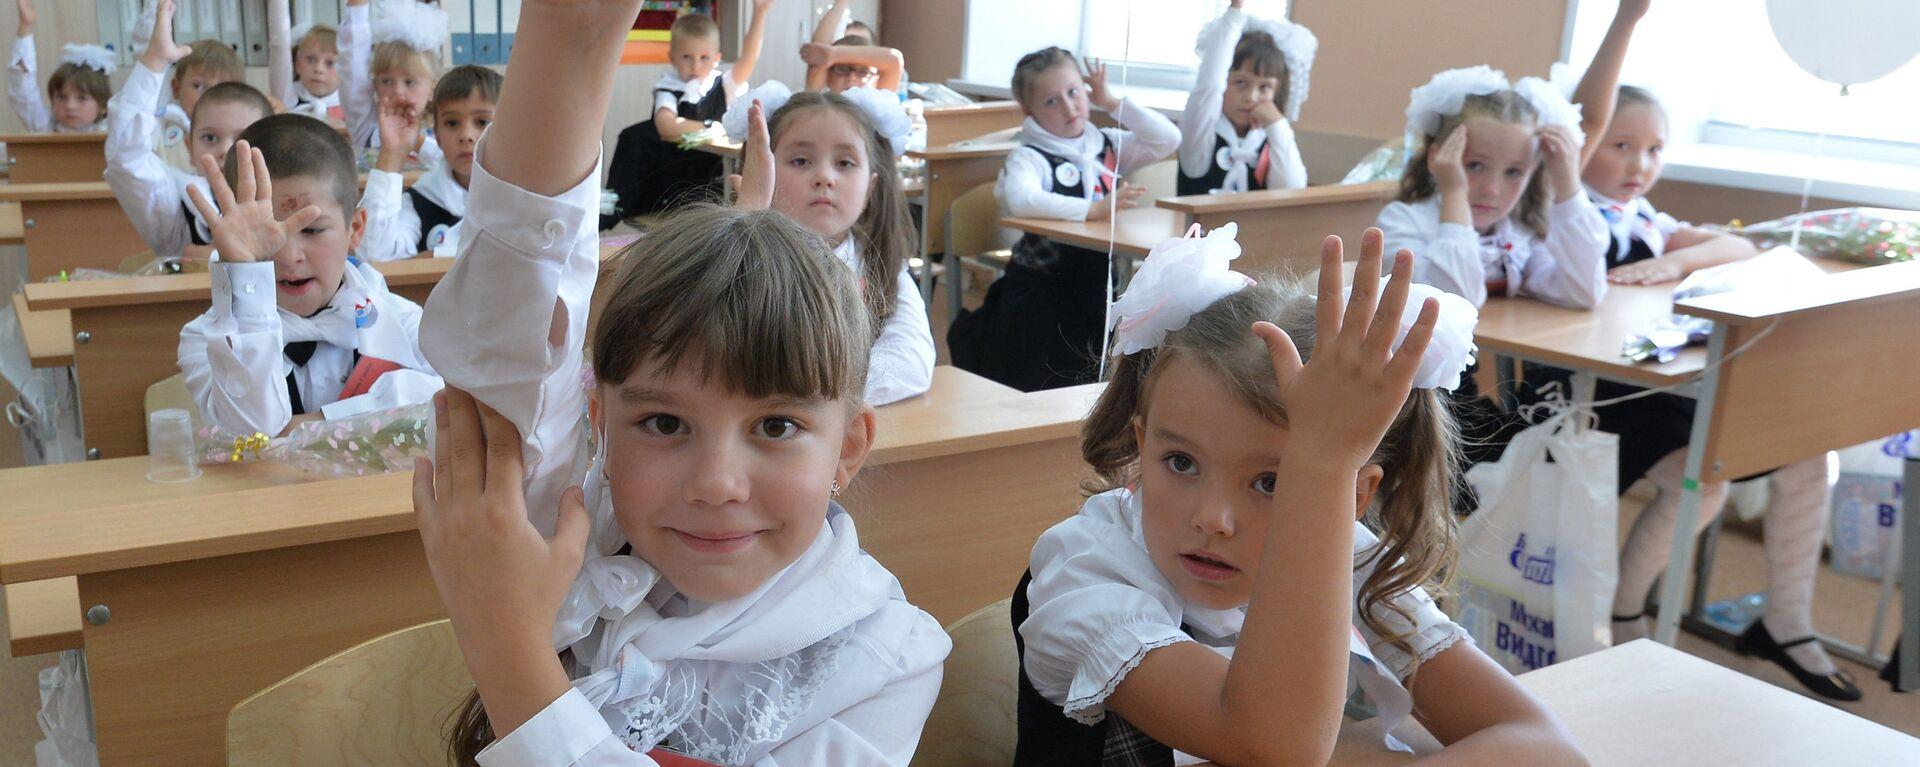 Начало учебного года в школах России - Sputnik Узбекистан, 1920, 11.05.2021